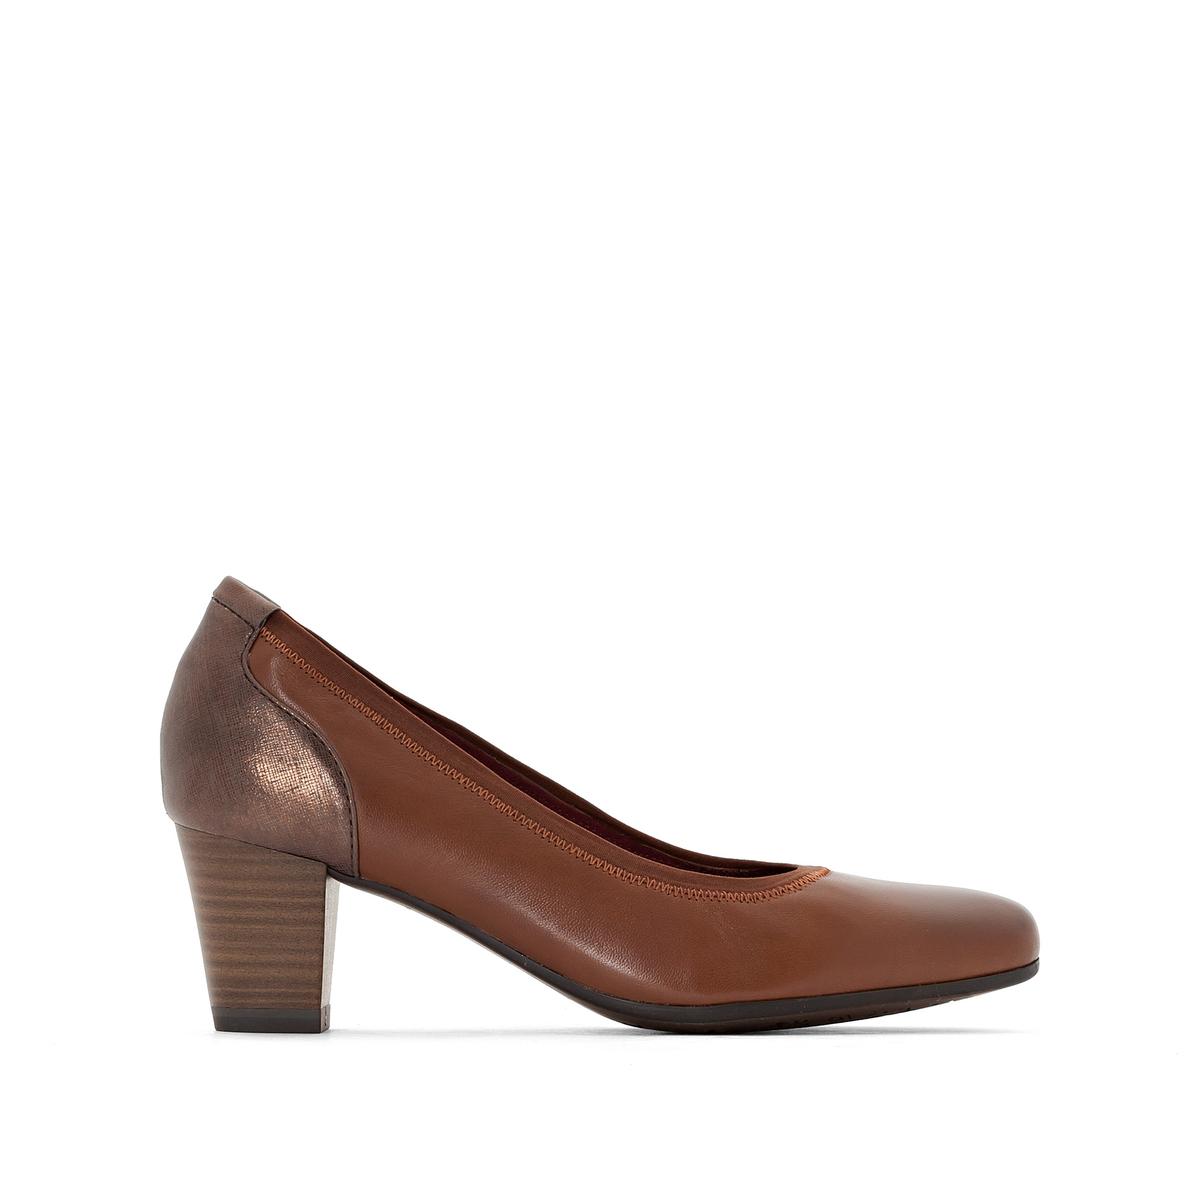 Туфли кожаные 22400-27Подкладка : текстиль Стелька : кожа Подошва : синтетика Высота каблука : 5,5 см Форма каблука : широкий Мысок : закругленный Застежка : без застежки<br><br>Цвет: каштановый<br>Размер: 40